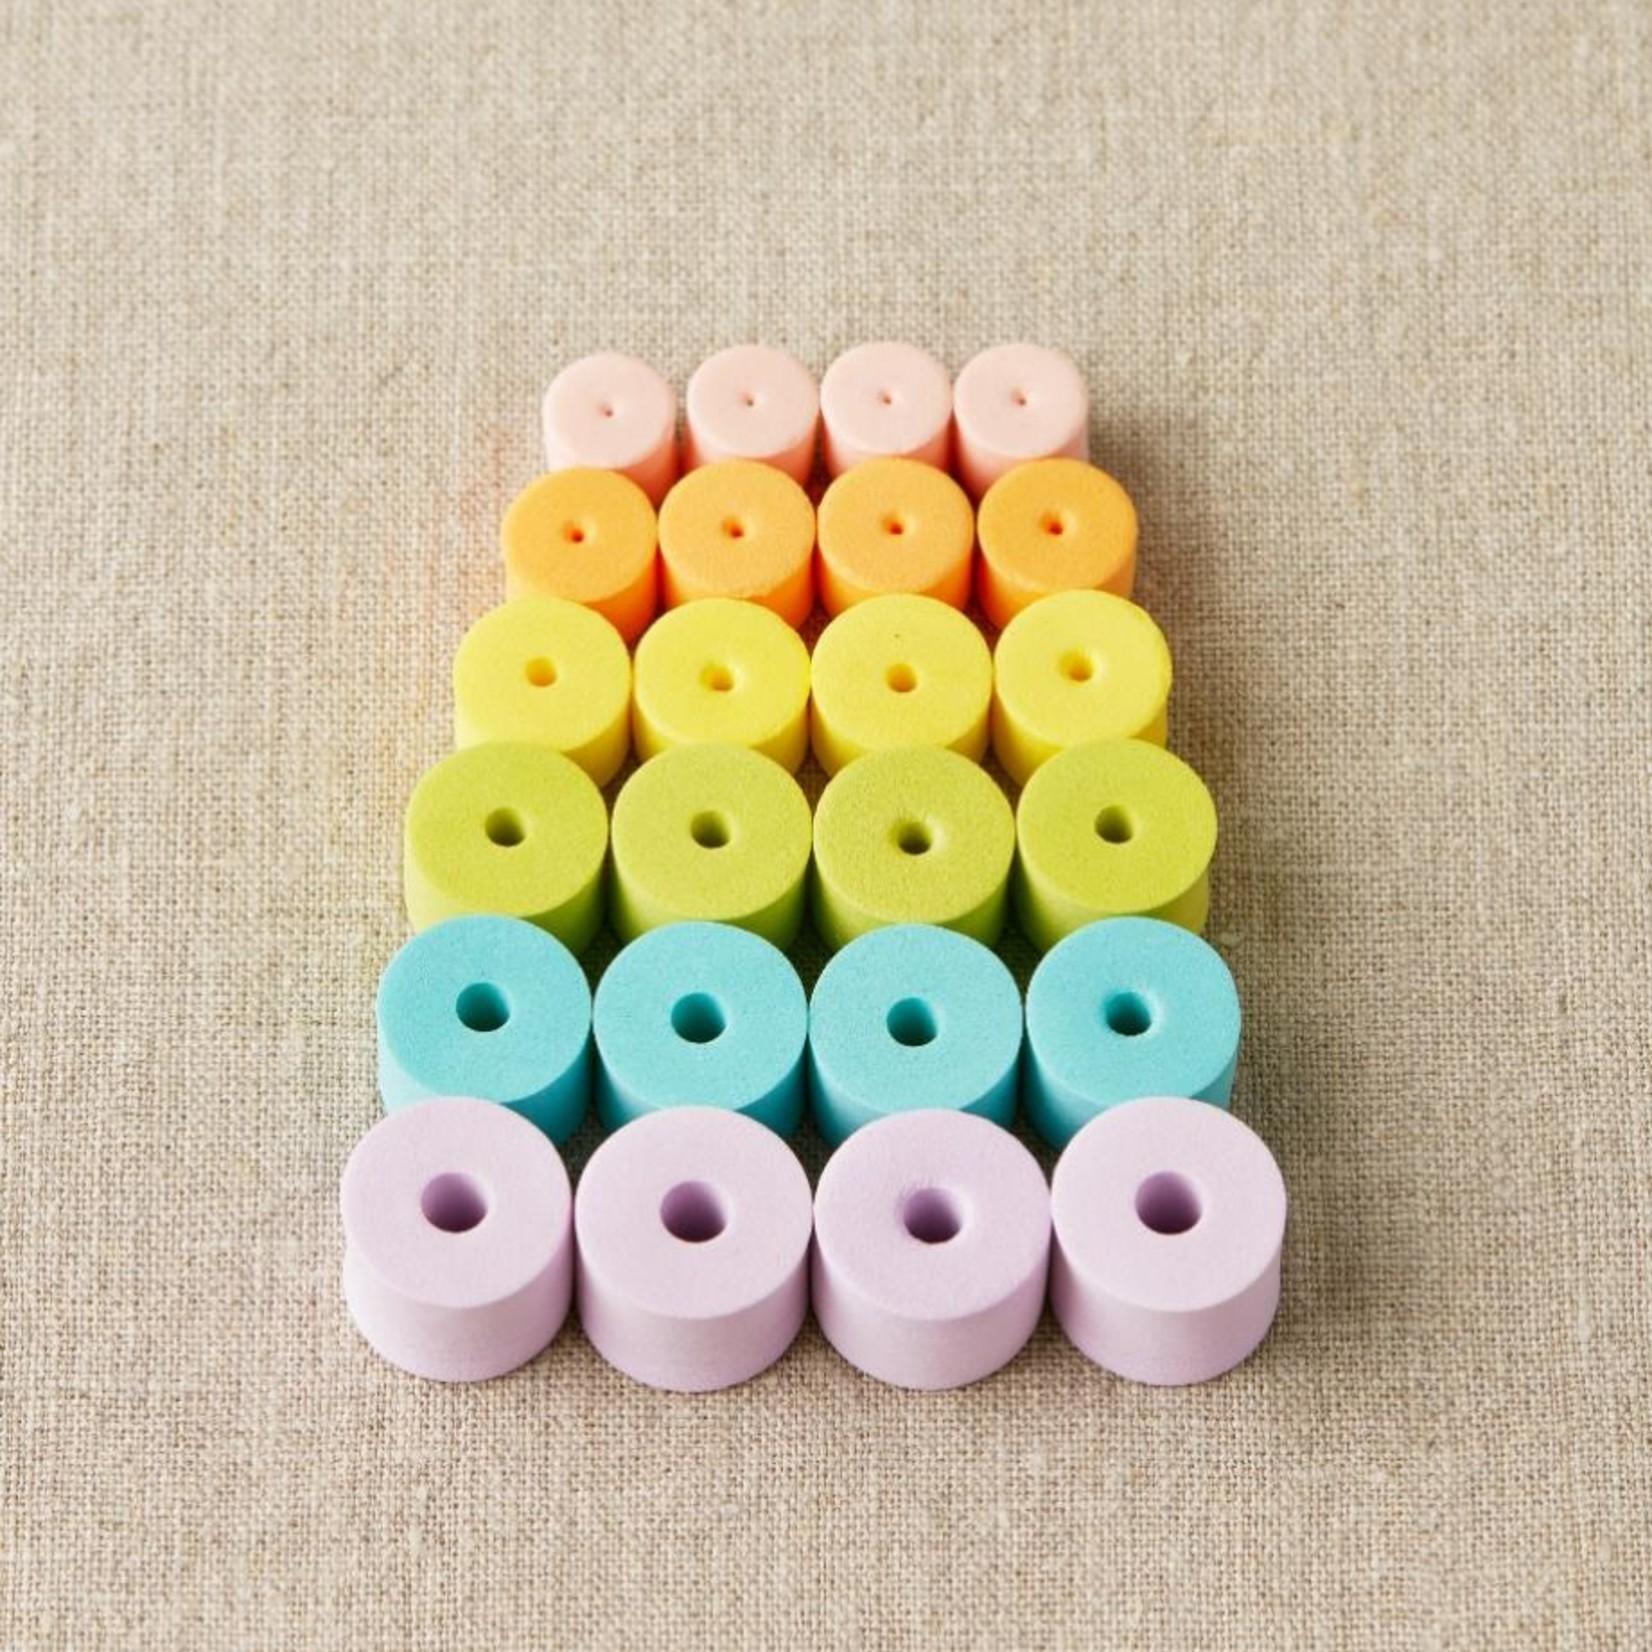 Cocoknits Cocoknits - Stoppeurs de mailles colorés